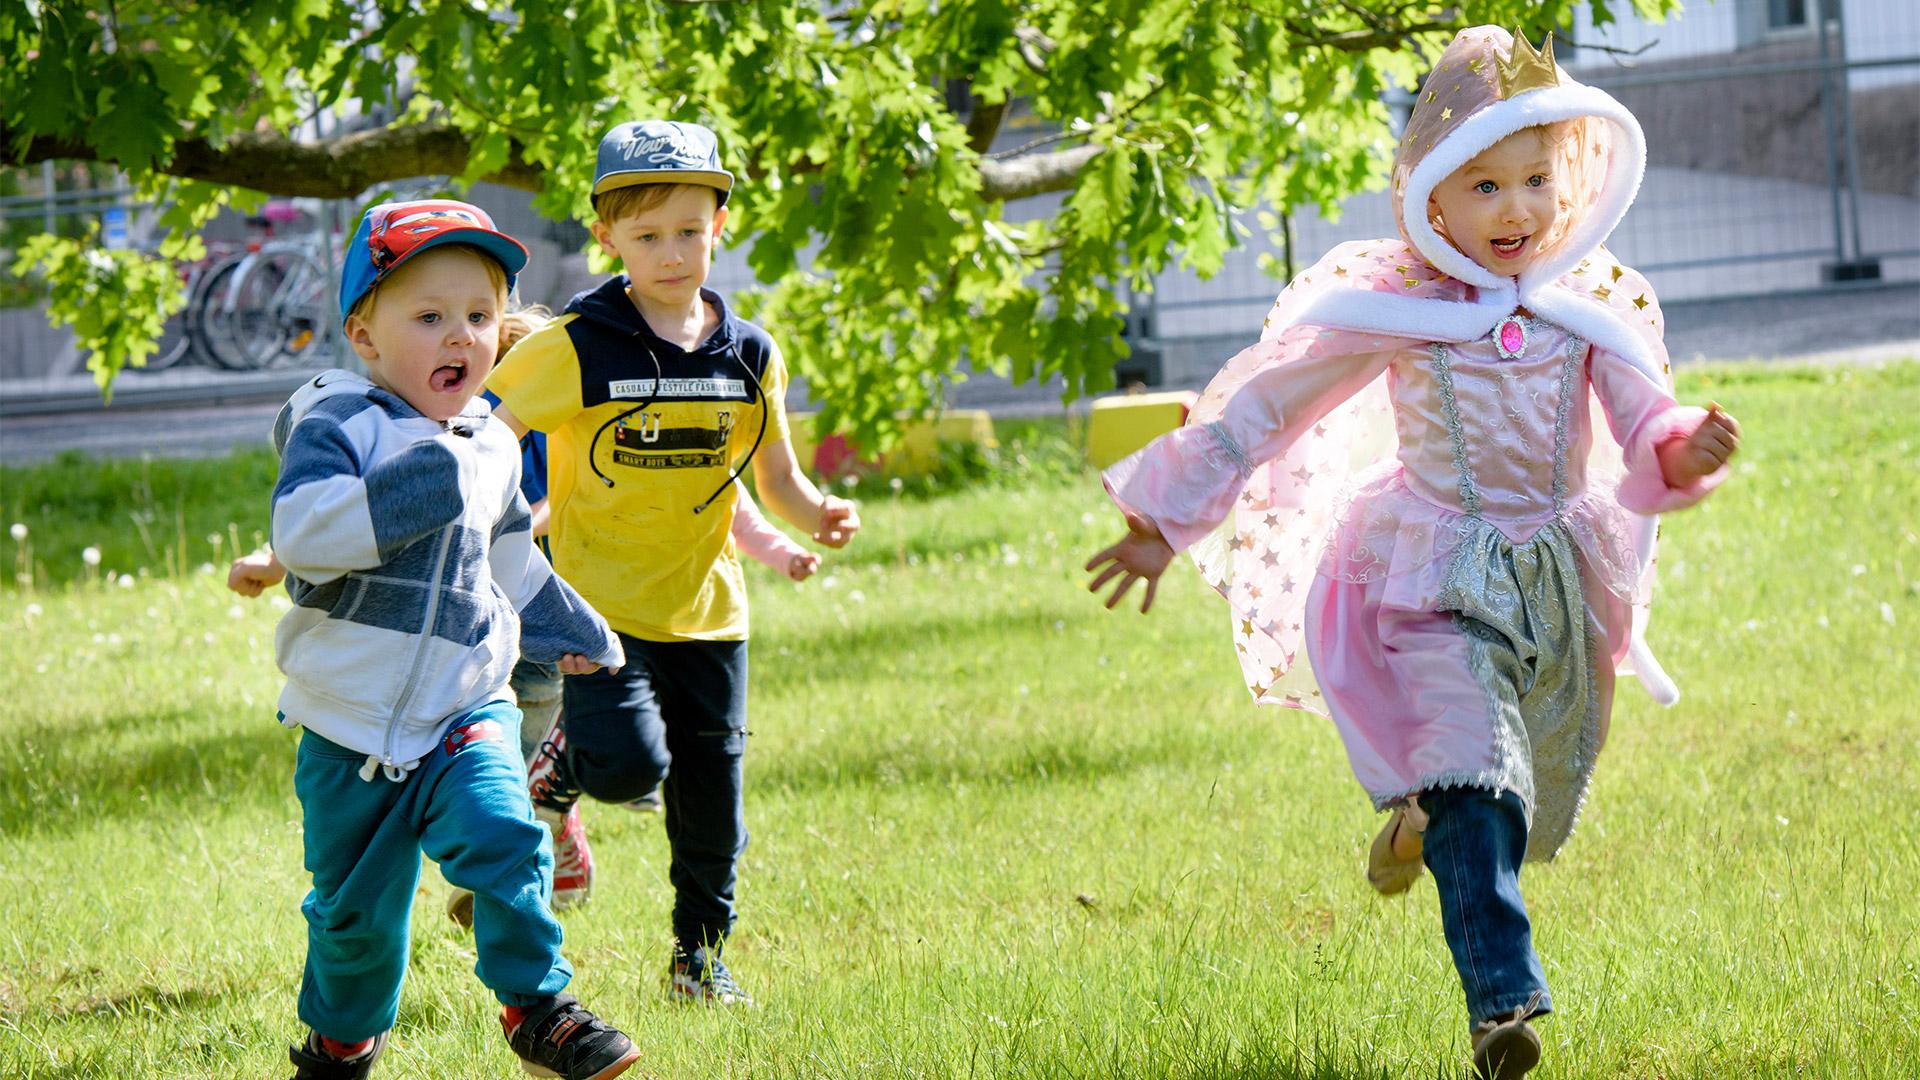 Prinsessapukuinen tyttö ja kaksi pientä poikaa juoksevat ulkona nurmikolla.